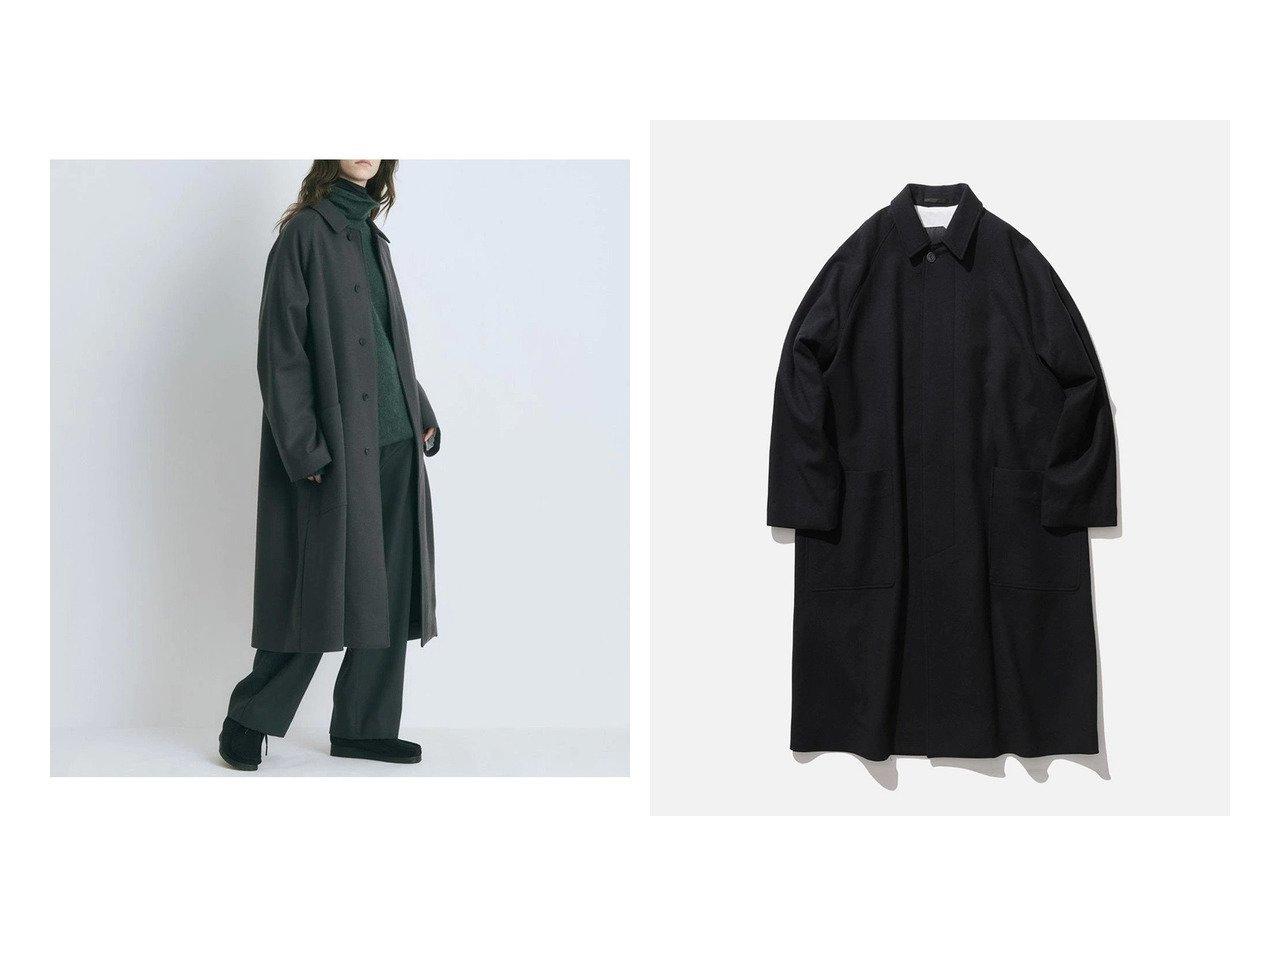 【ATON/エイトン】のSUPER 160 S DOUBLE SAXONY バルマカーンコート - UNISEX 【アウター】おすすめ!人気、トレンド・レディースファッションの通販 おすすめで人気の流行・トレンド、ファッションの通販商品 インテリア・家具・メンズファッション・キッズファッション・レディースファッション・服の通販 founy(ファニー) https://founy.com/ ファッション Fashion レディースファッション WOMEN アウター Coat Outerwear コート Coats ジャケット Jackets 送料無料 Free Shipping UNISEX カシミヤ ジャケット ジャージ ルーズ  ID:crp329100000072610